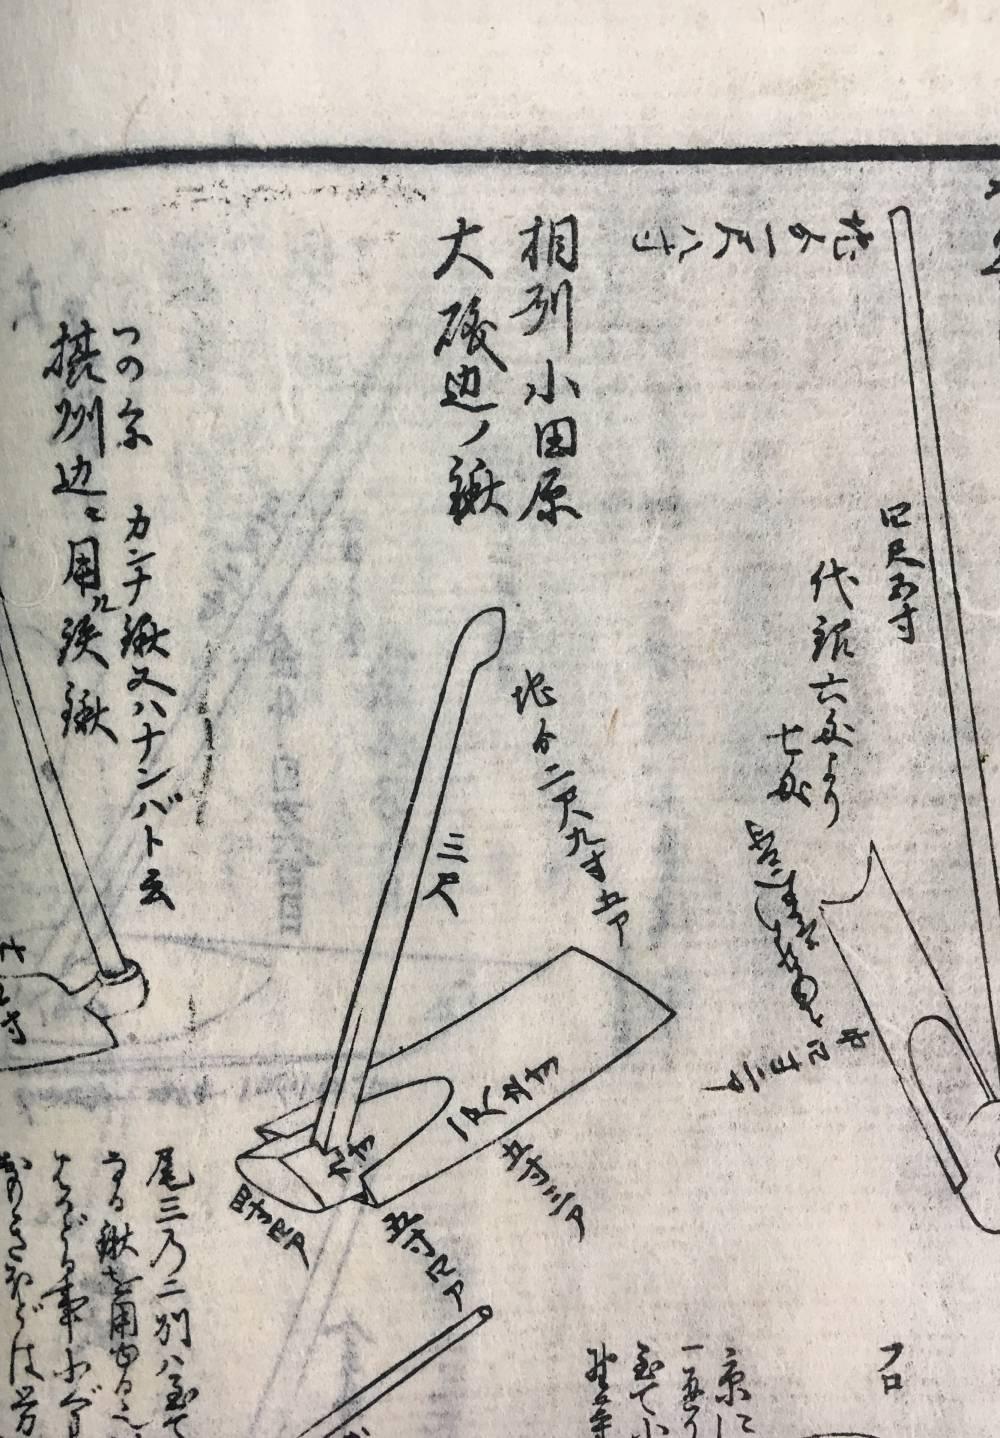 相州小田原・大磯辺ノ鍬、『農具弁理論』(個人蔵)